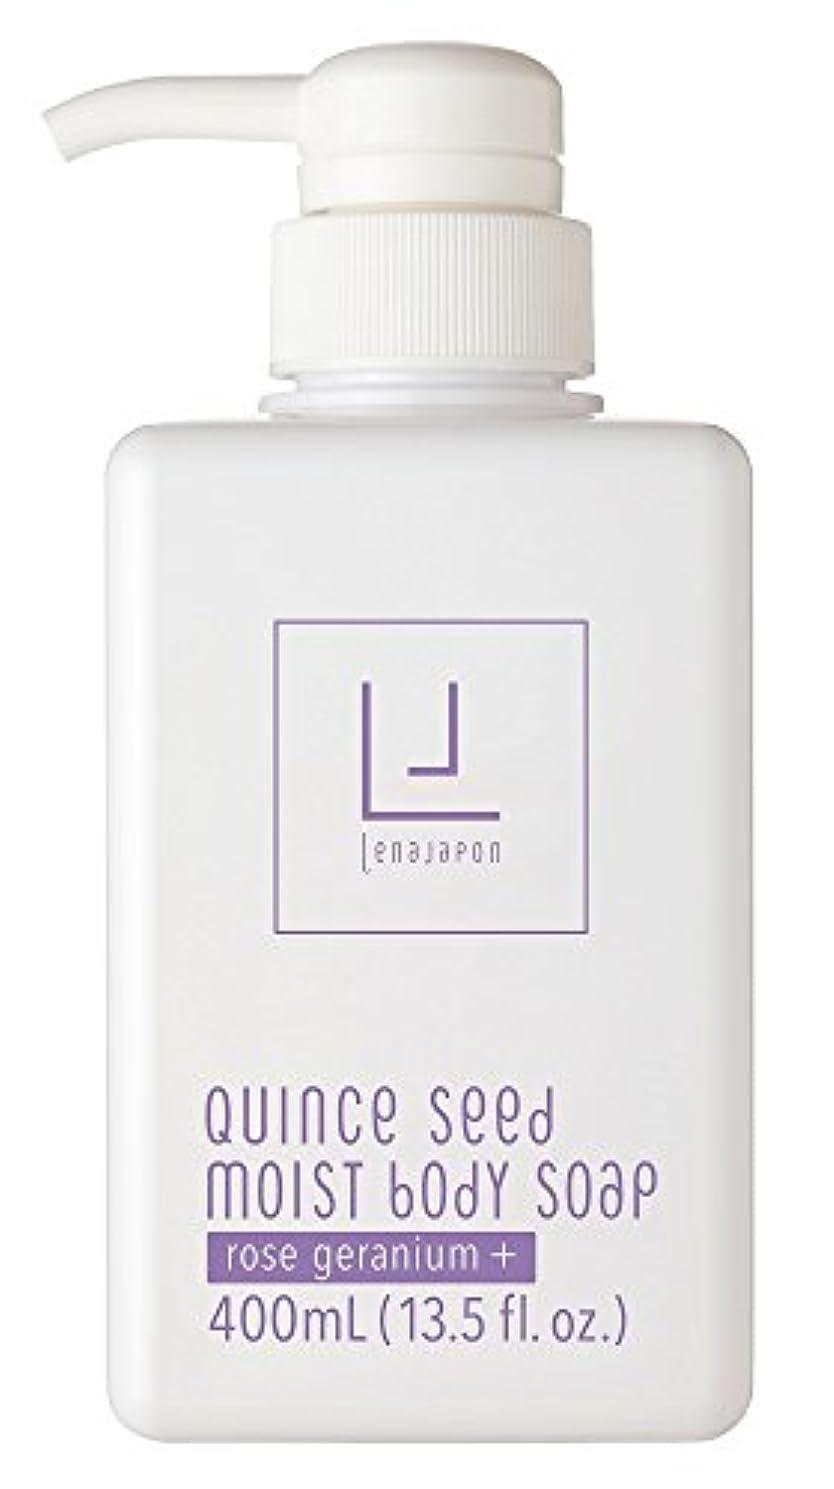 素晴らしき突然のミスレナジャポン LJモイストボディソープ 400ml 泡立てバスリリー付き(LENAJAPON body soap[LJ MOIST BODY SOAP])